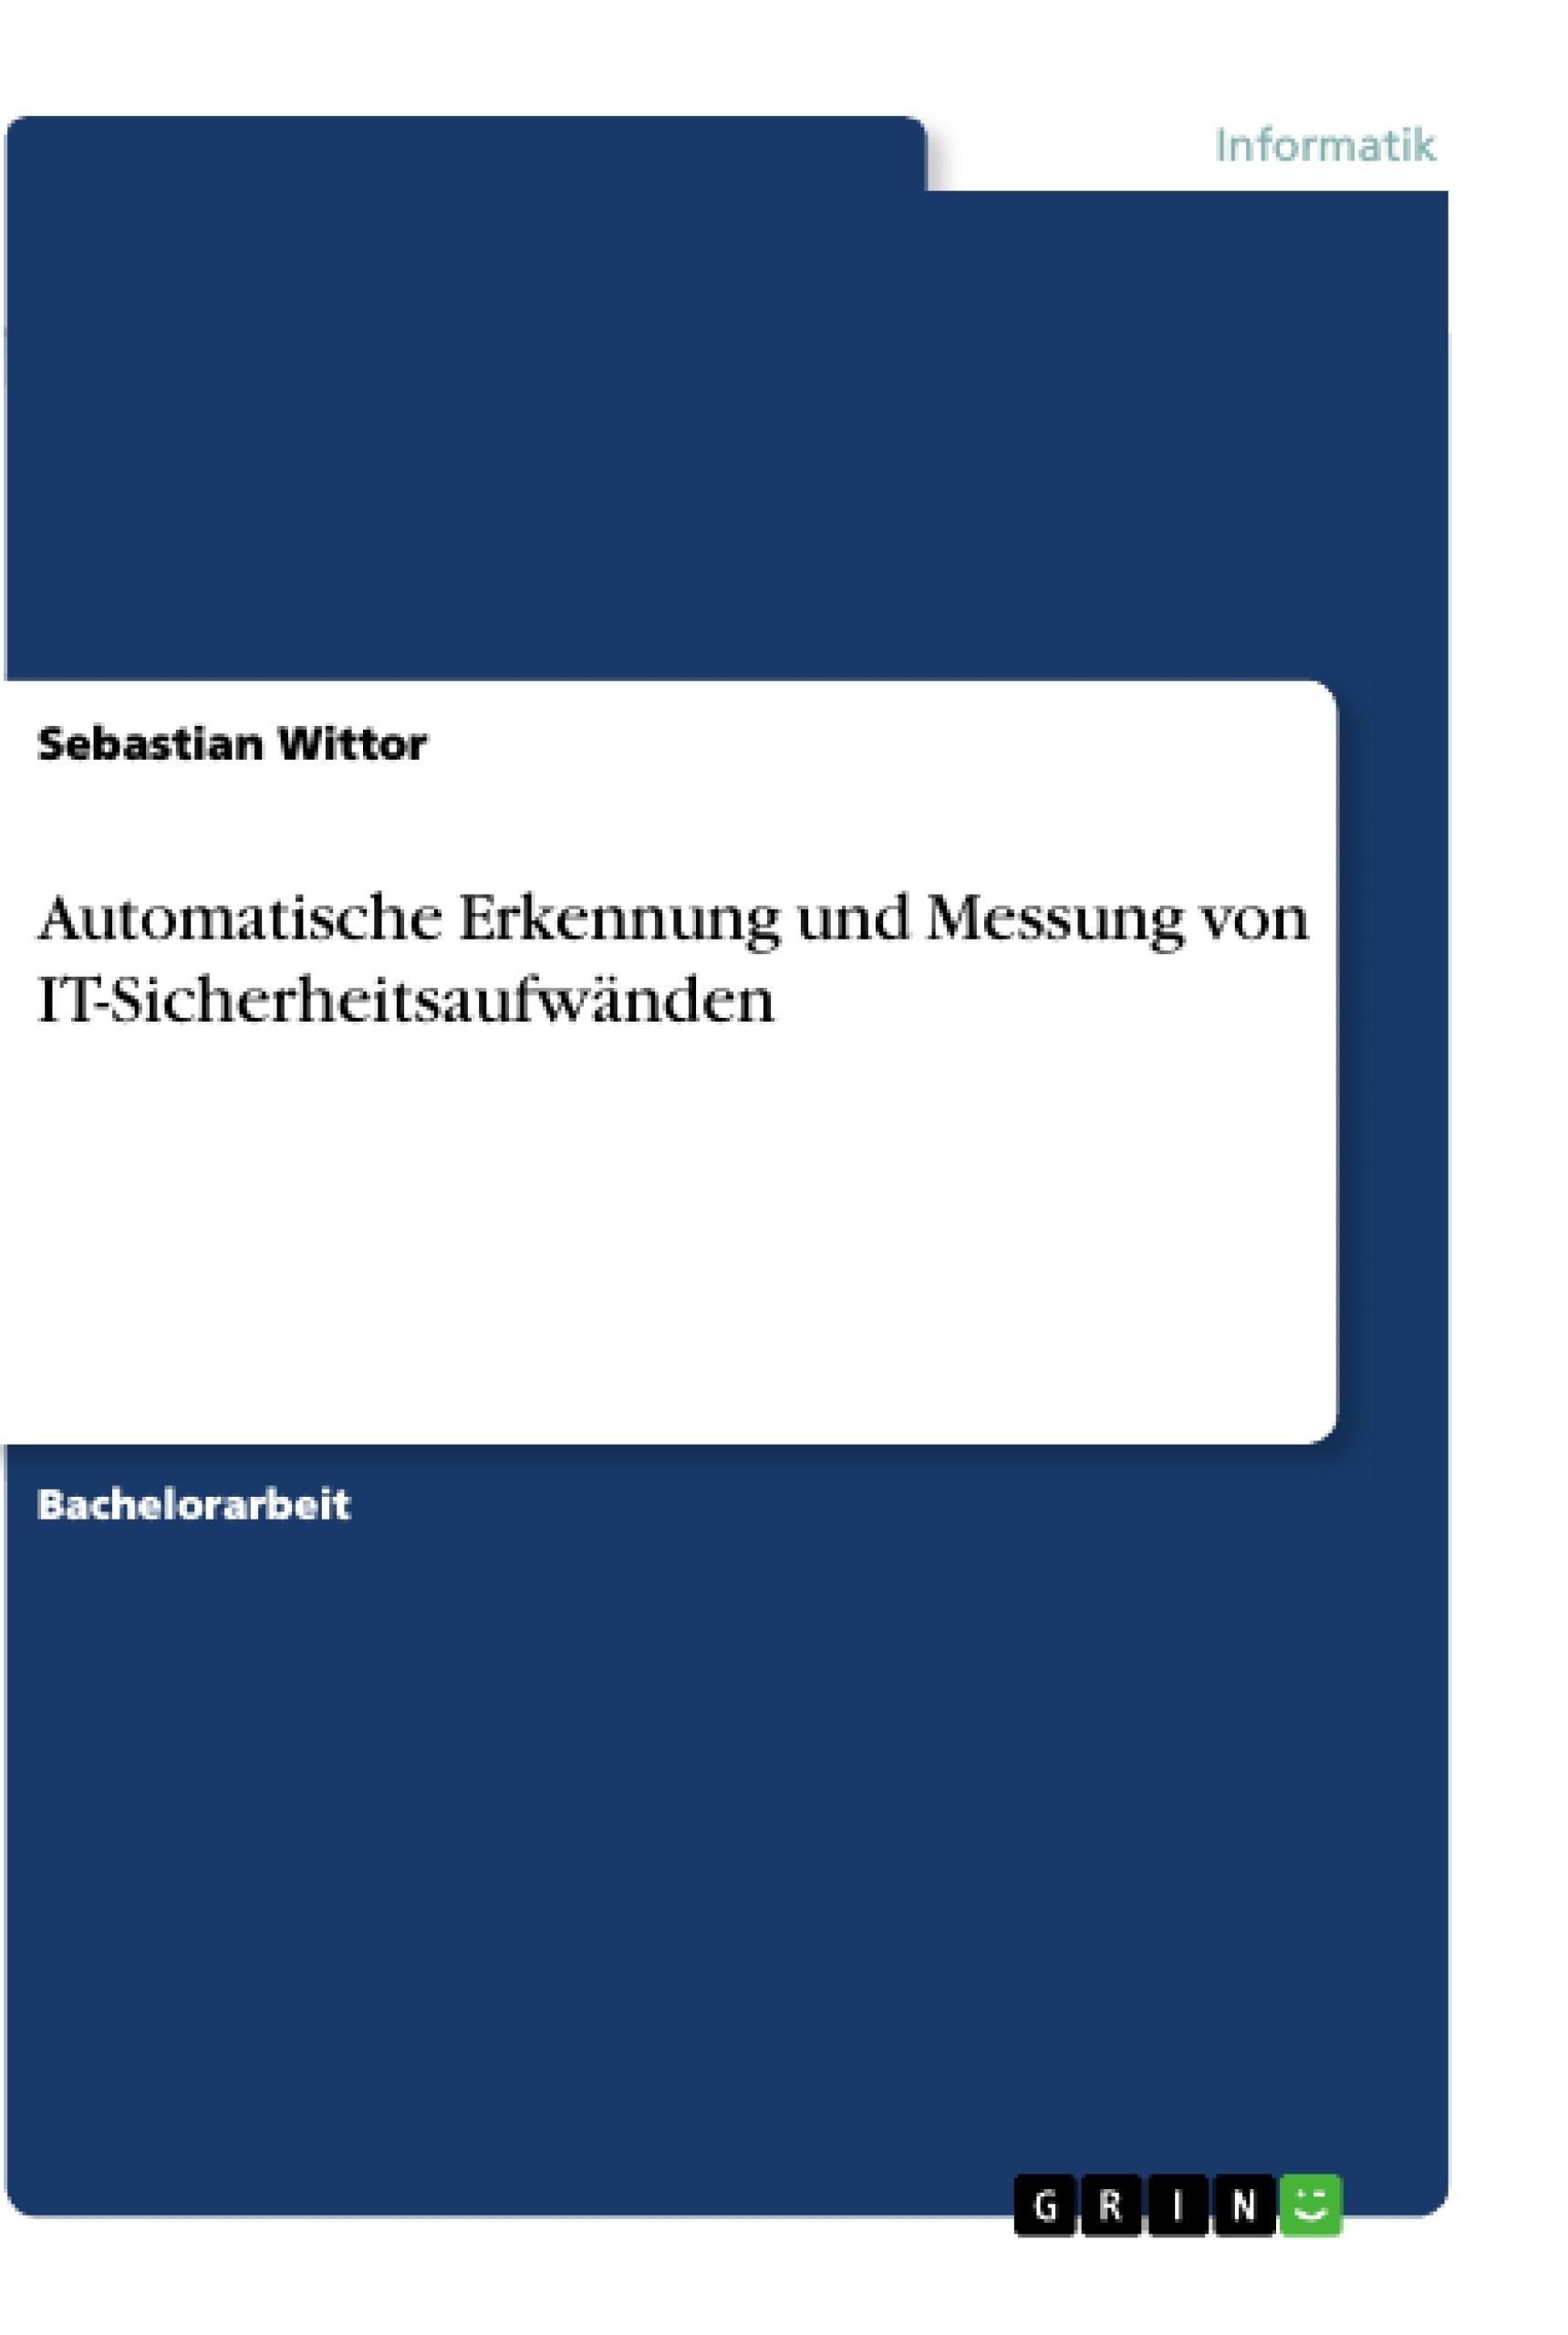 Titel: Automatische Erkennung und Messung von IT-Sicherheitsaufwänden